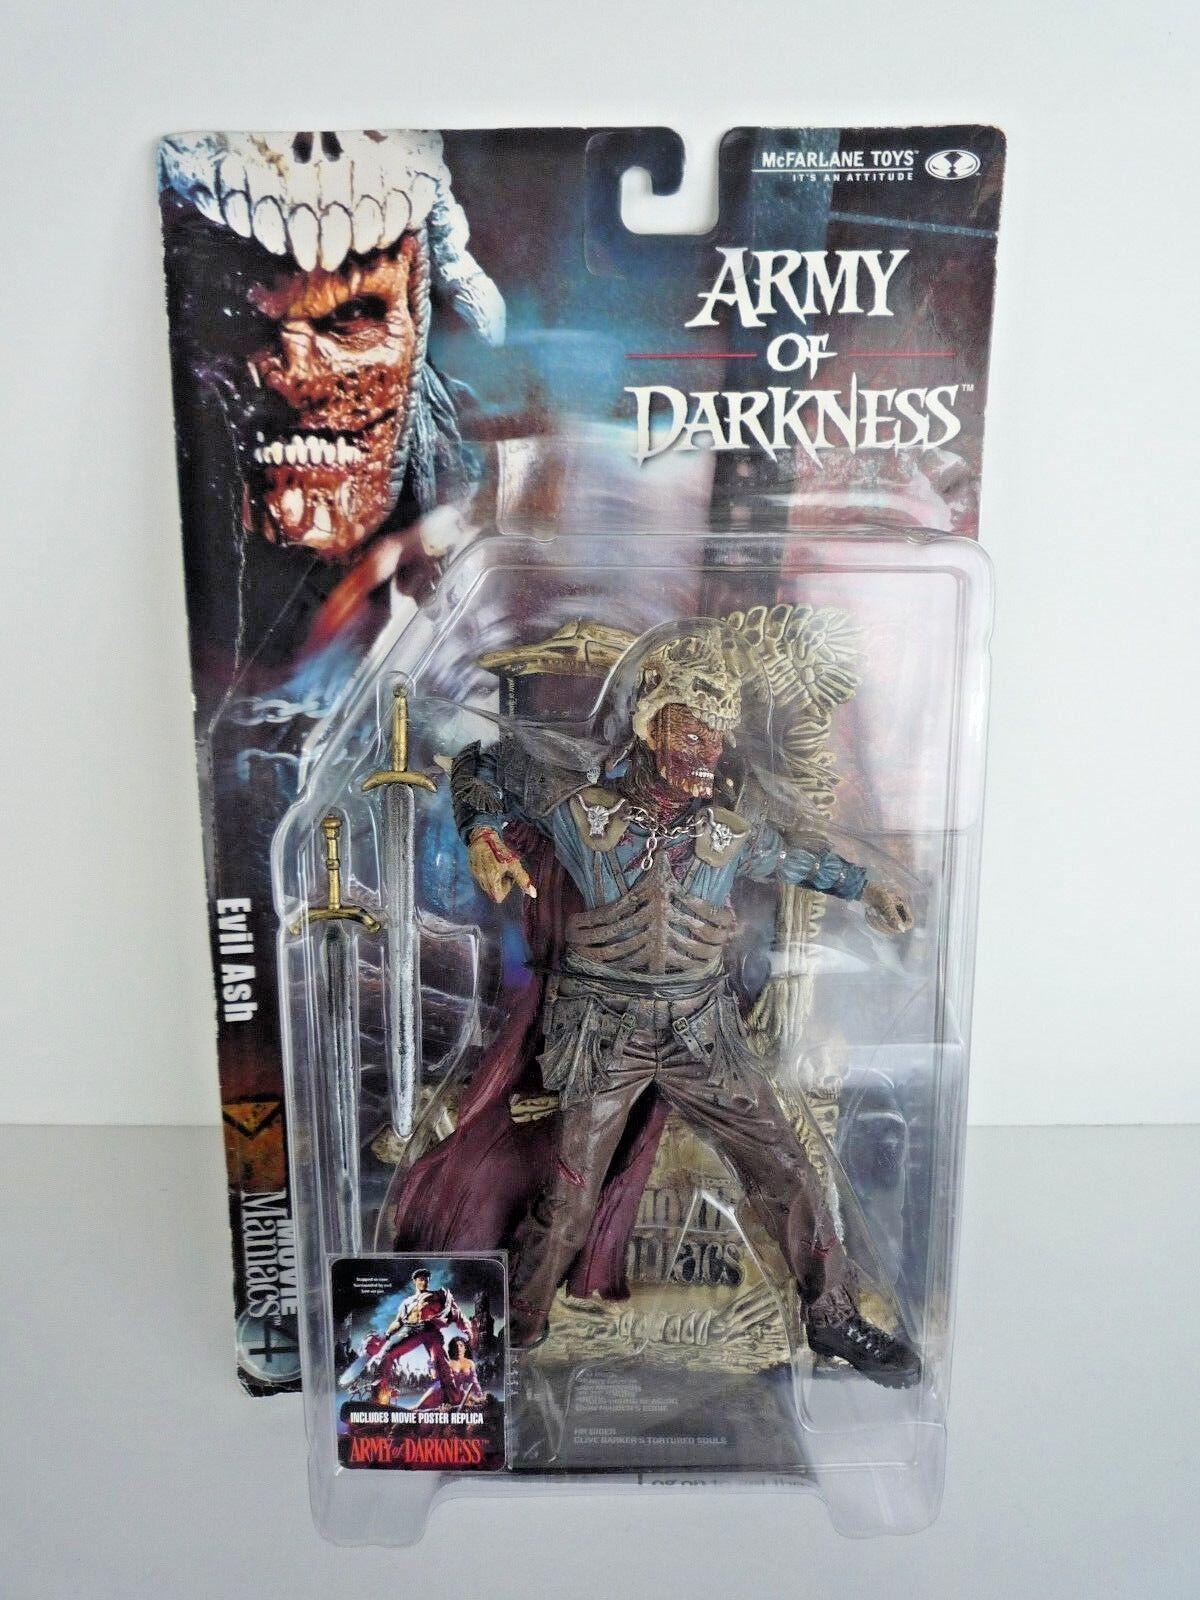 Armee der finsternis   böse ash   film irren 4   mcfarlane spielzeug   verschlossen auf der karte)